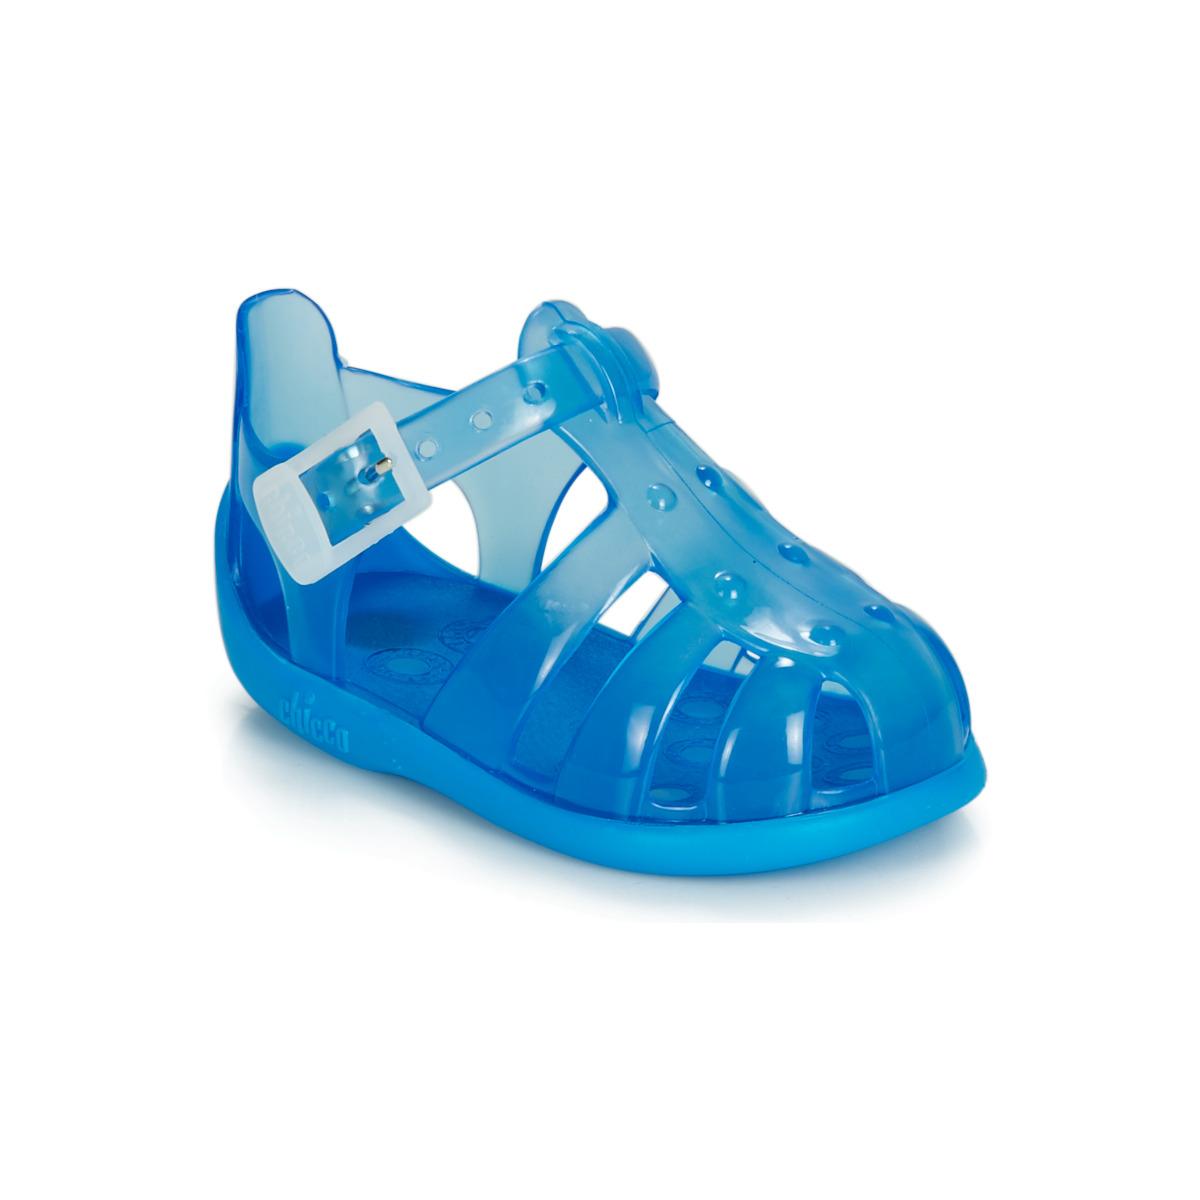 Chicco MANUEL Blau - Kostenloser Versand bei Spartoode ! - Schuhe Wassersportschuhe  16,20 €